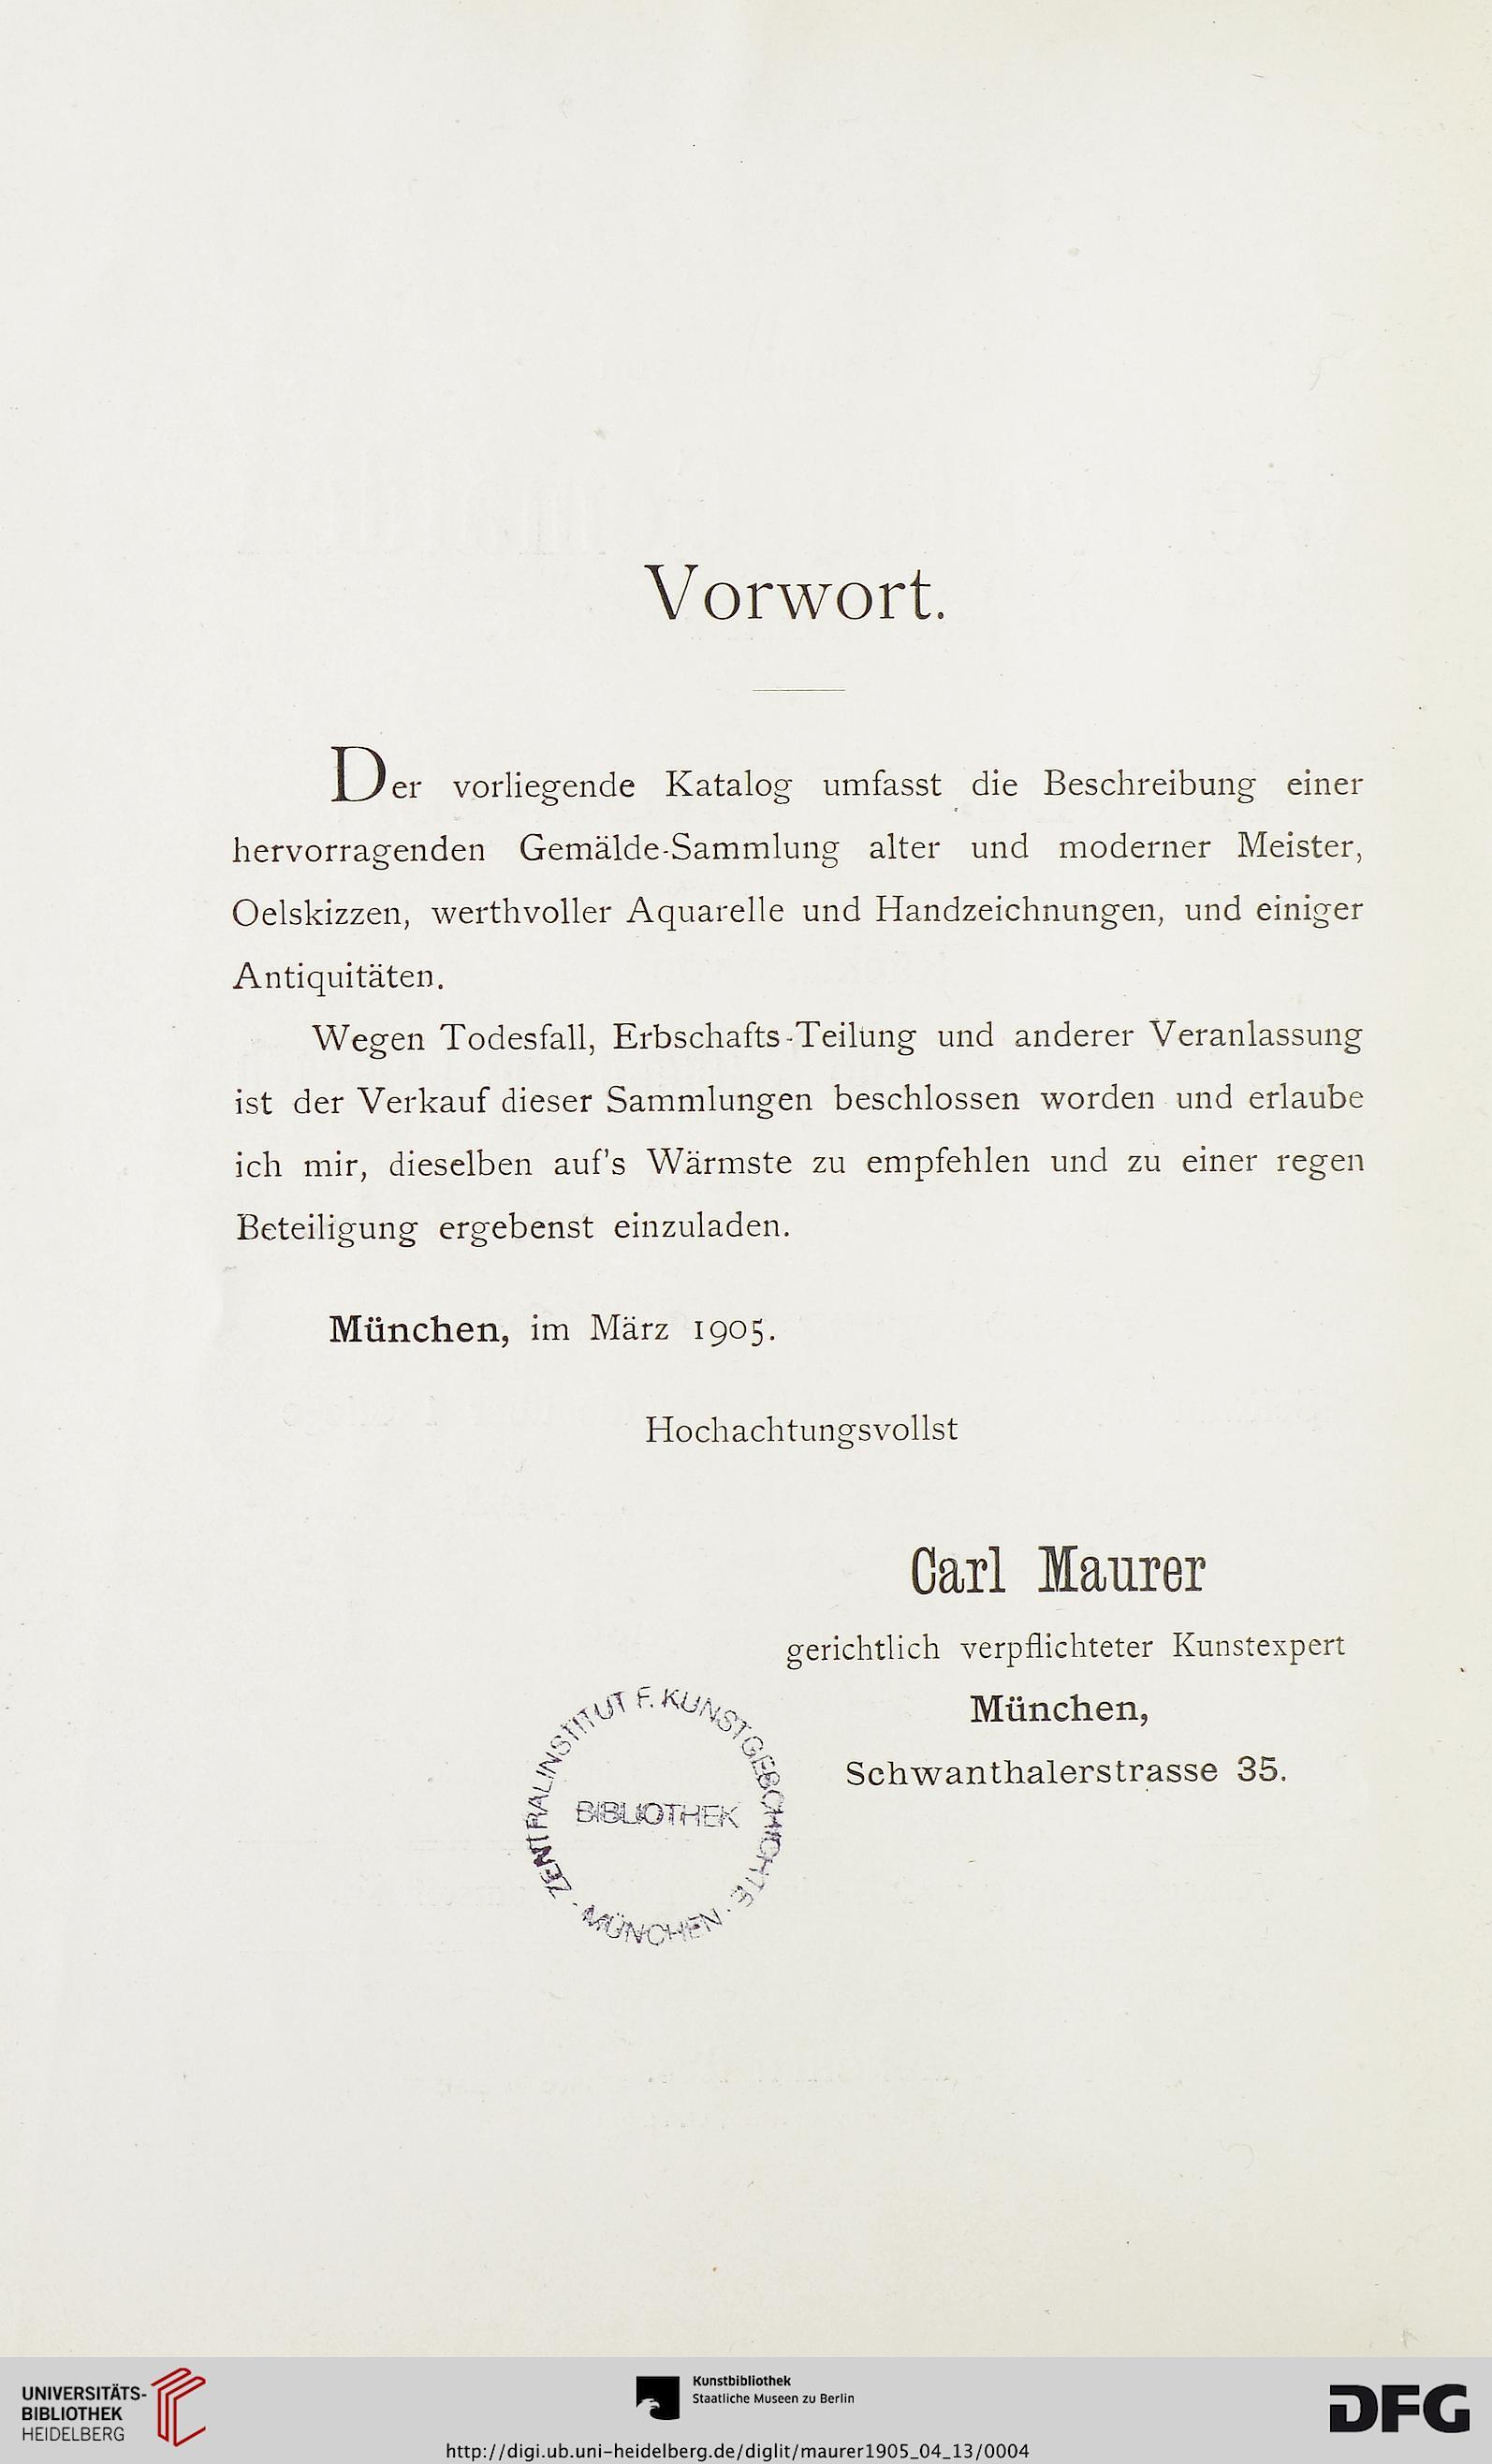 Carl Maurer Firma Hrsg Catalog Einer Sammlung Von Wertvollen